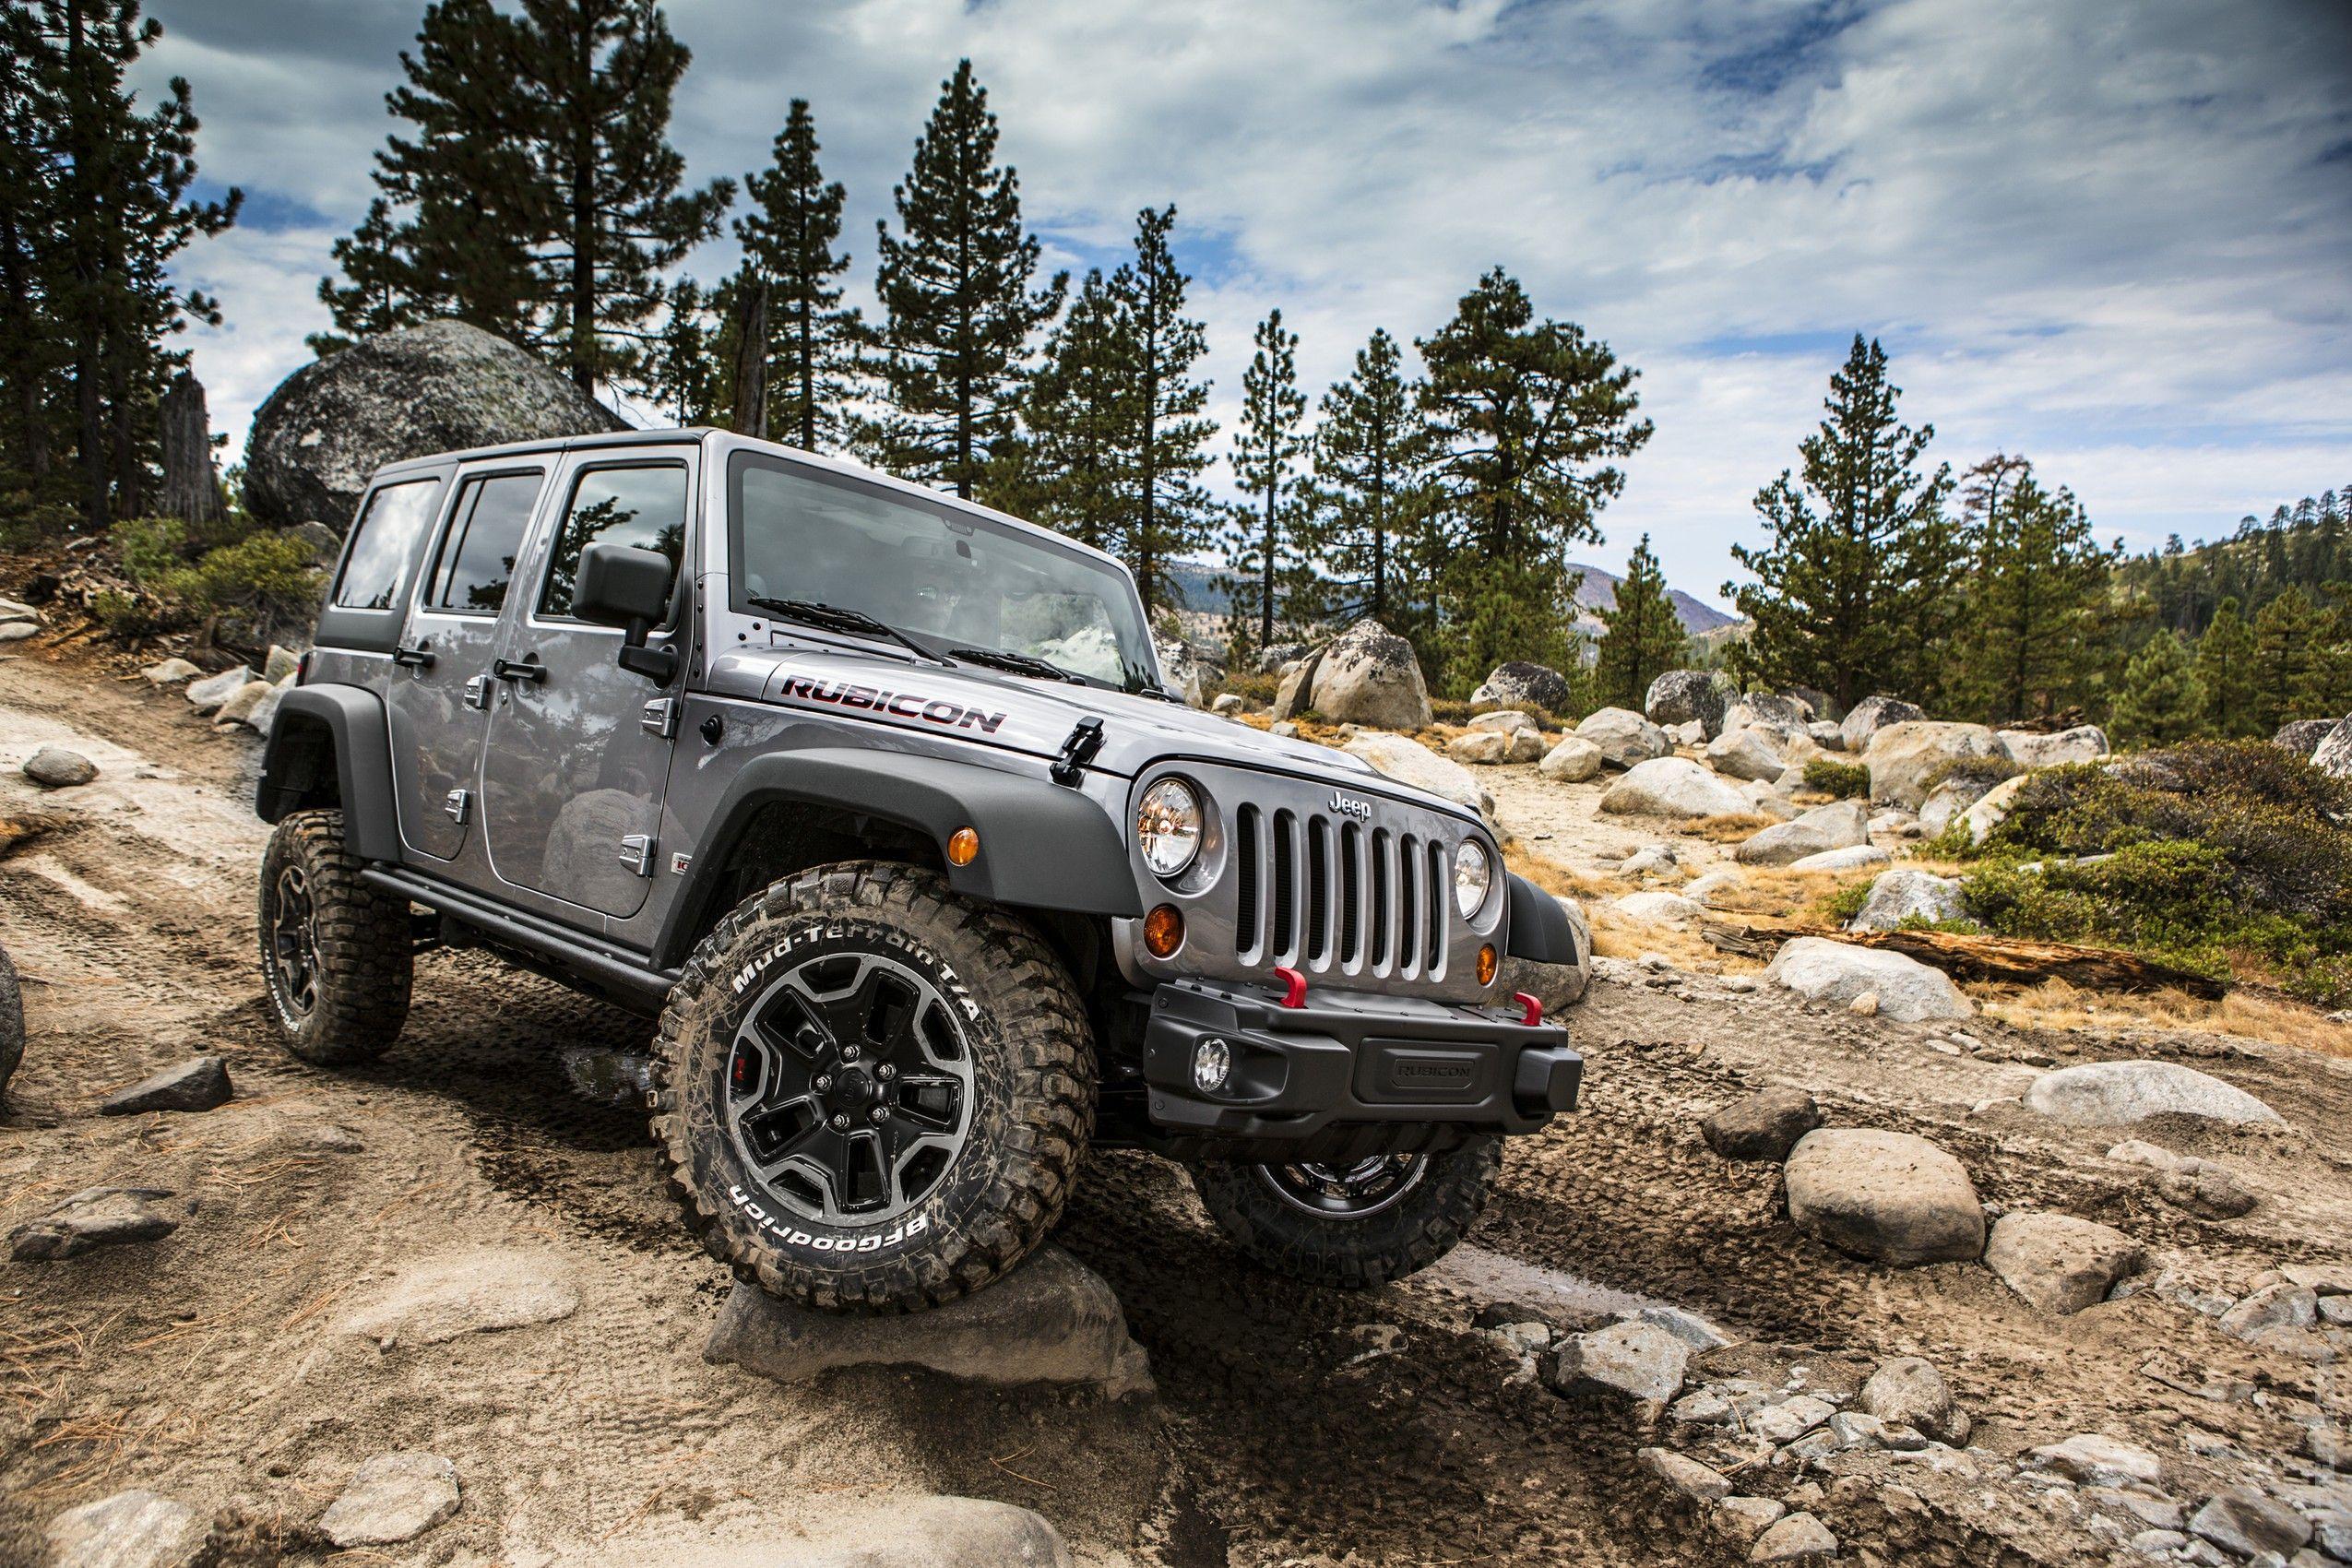 2013 Jeep Wrangler Rubicon 10th Anniversary Jeep